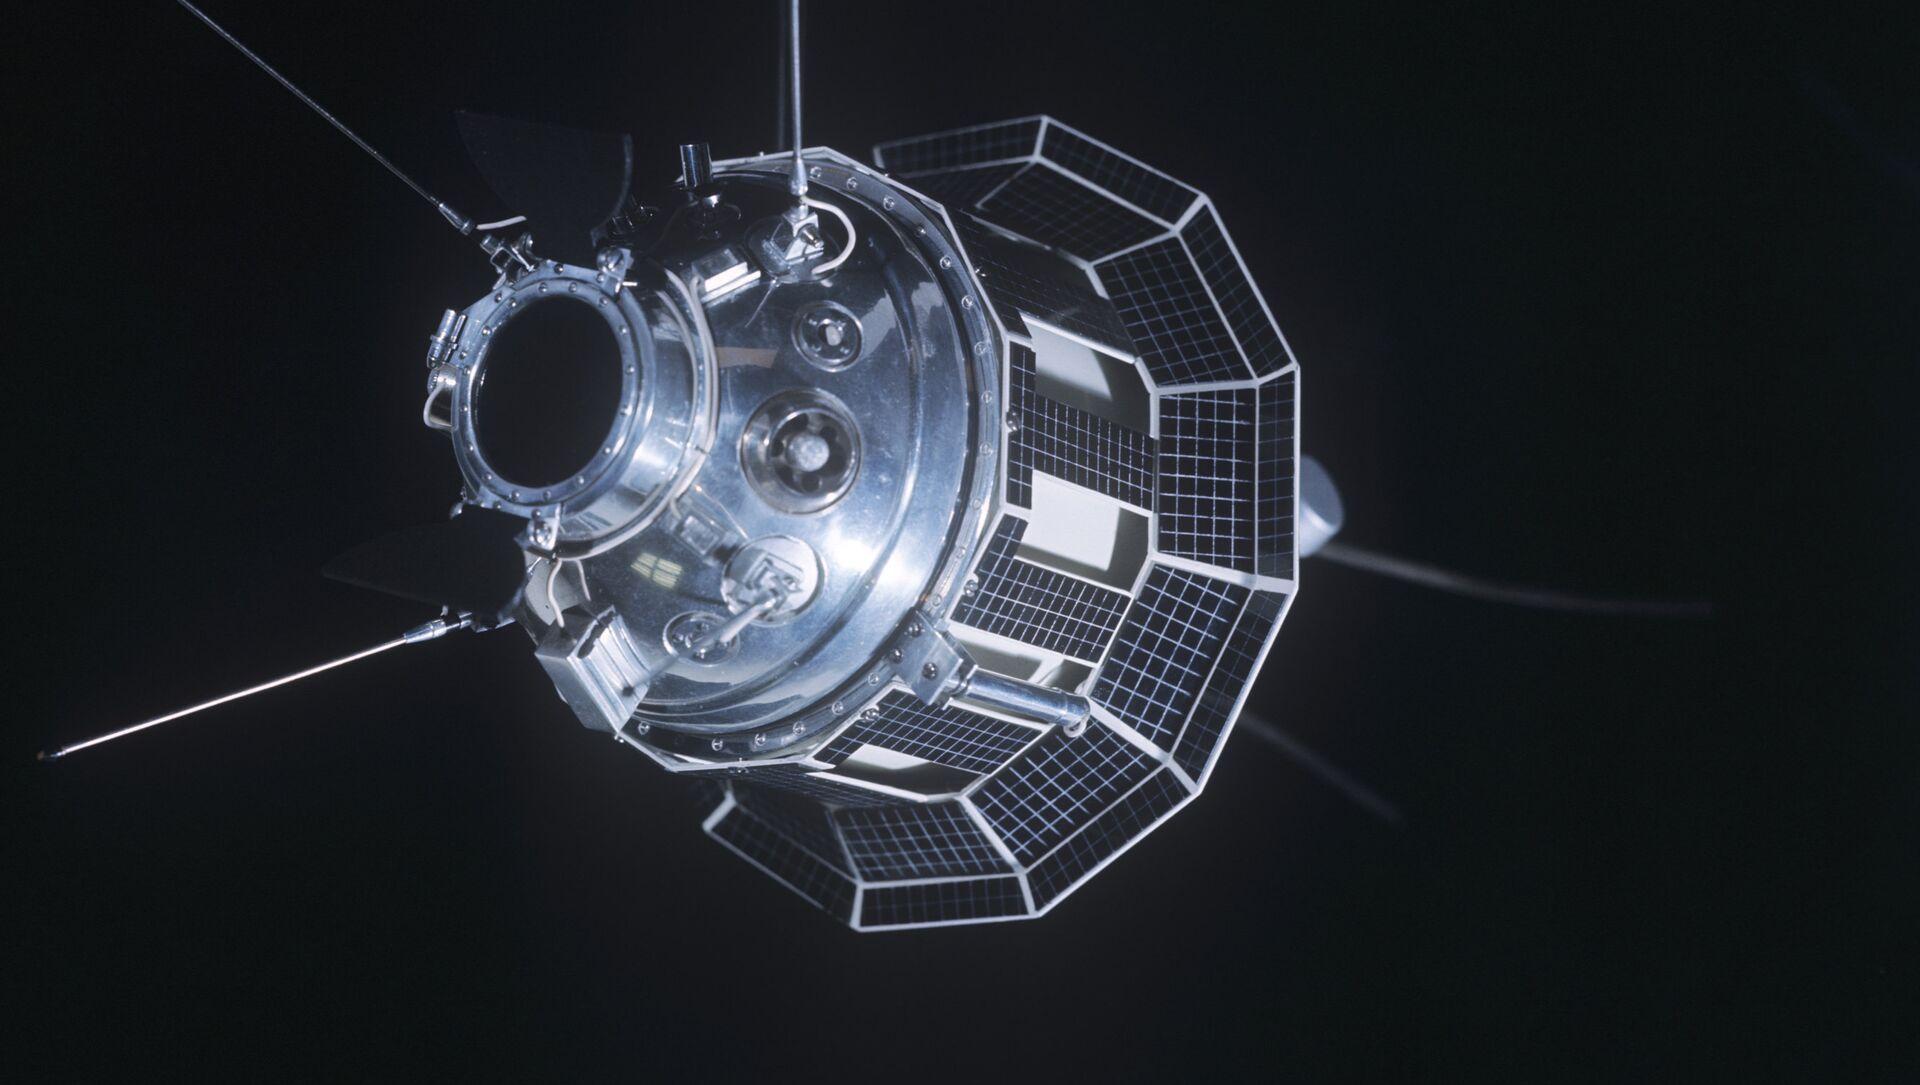 Estación espacial Luna-3, una sonda espacial soviética - Sputnik Mundo, 1920, 25.01.2021